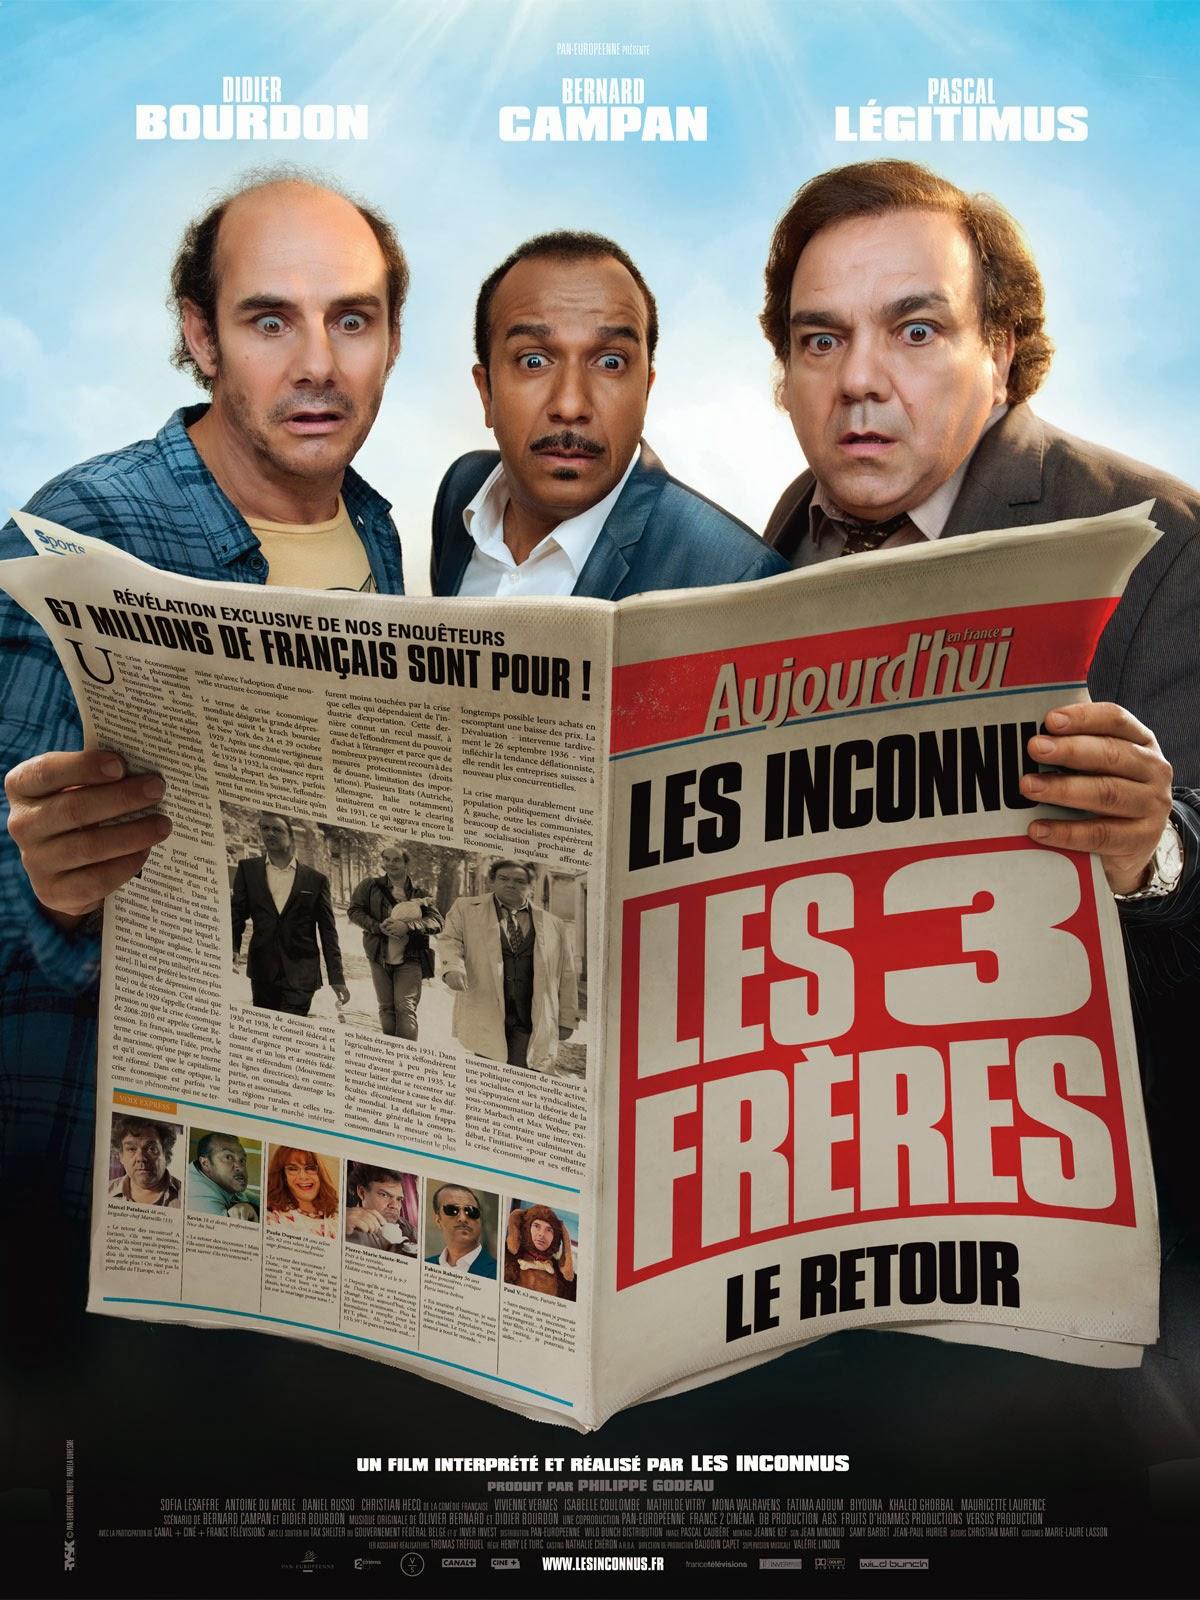 http://fuckingcinephiles.blogspot.fr/2014/02/critique-les-trois-freres-le-retour.html